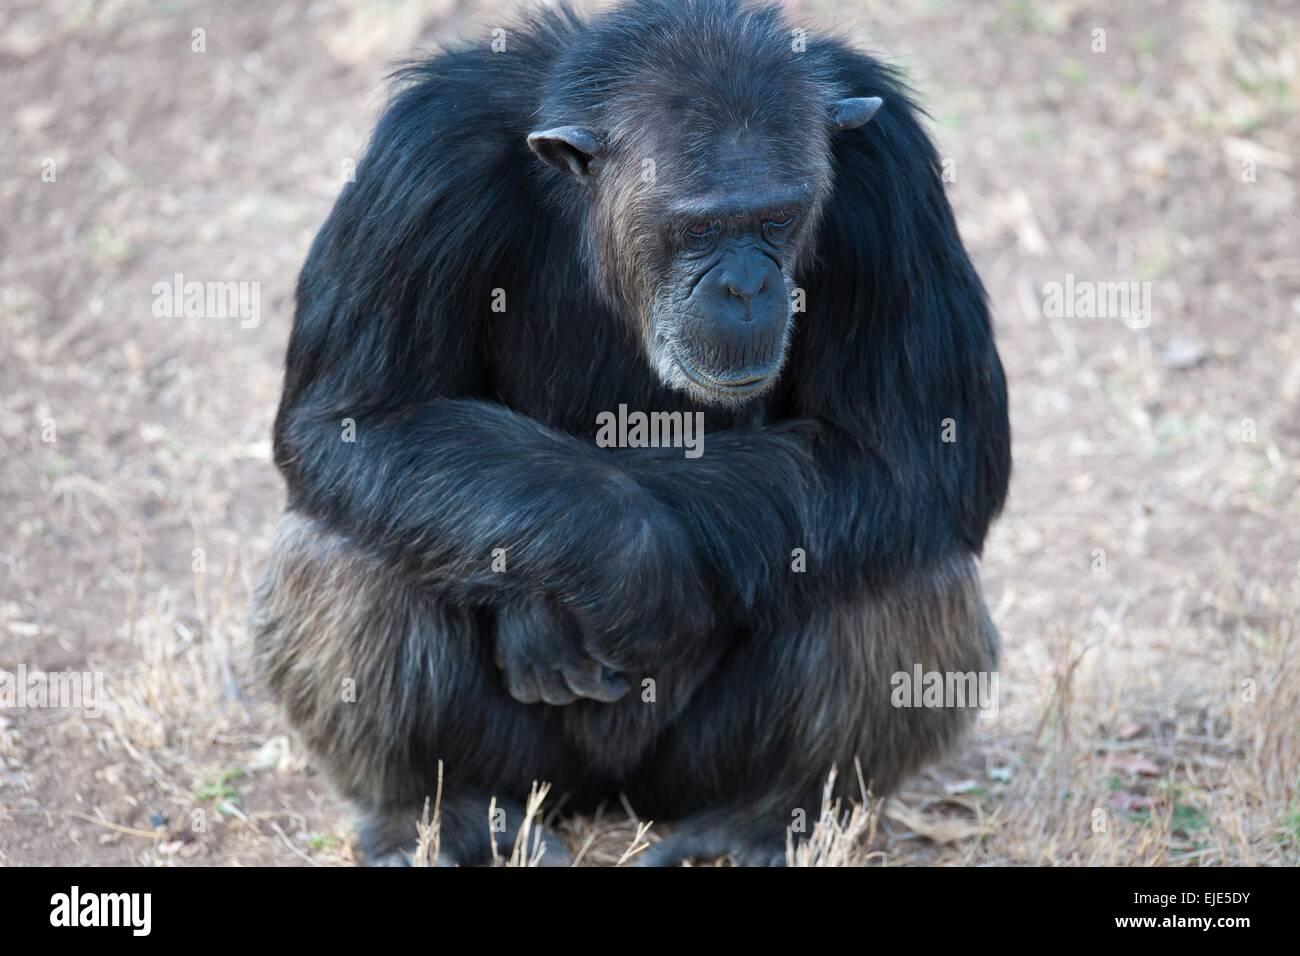 Uno scimpanzé nel parco nazionale dell'Africa Immagini Stock